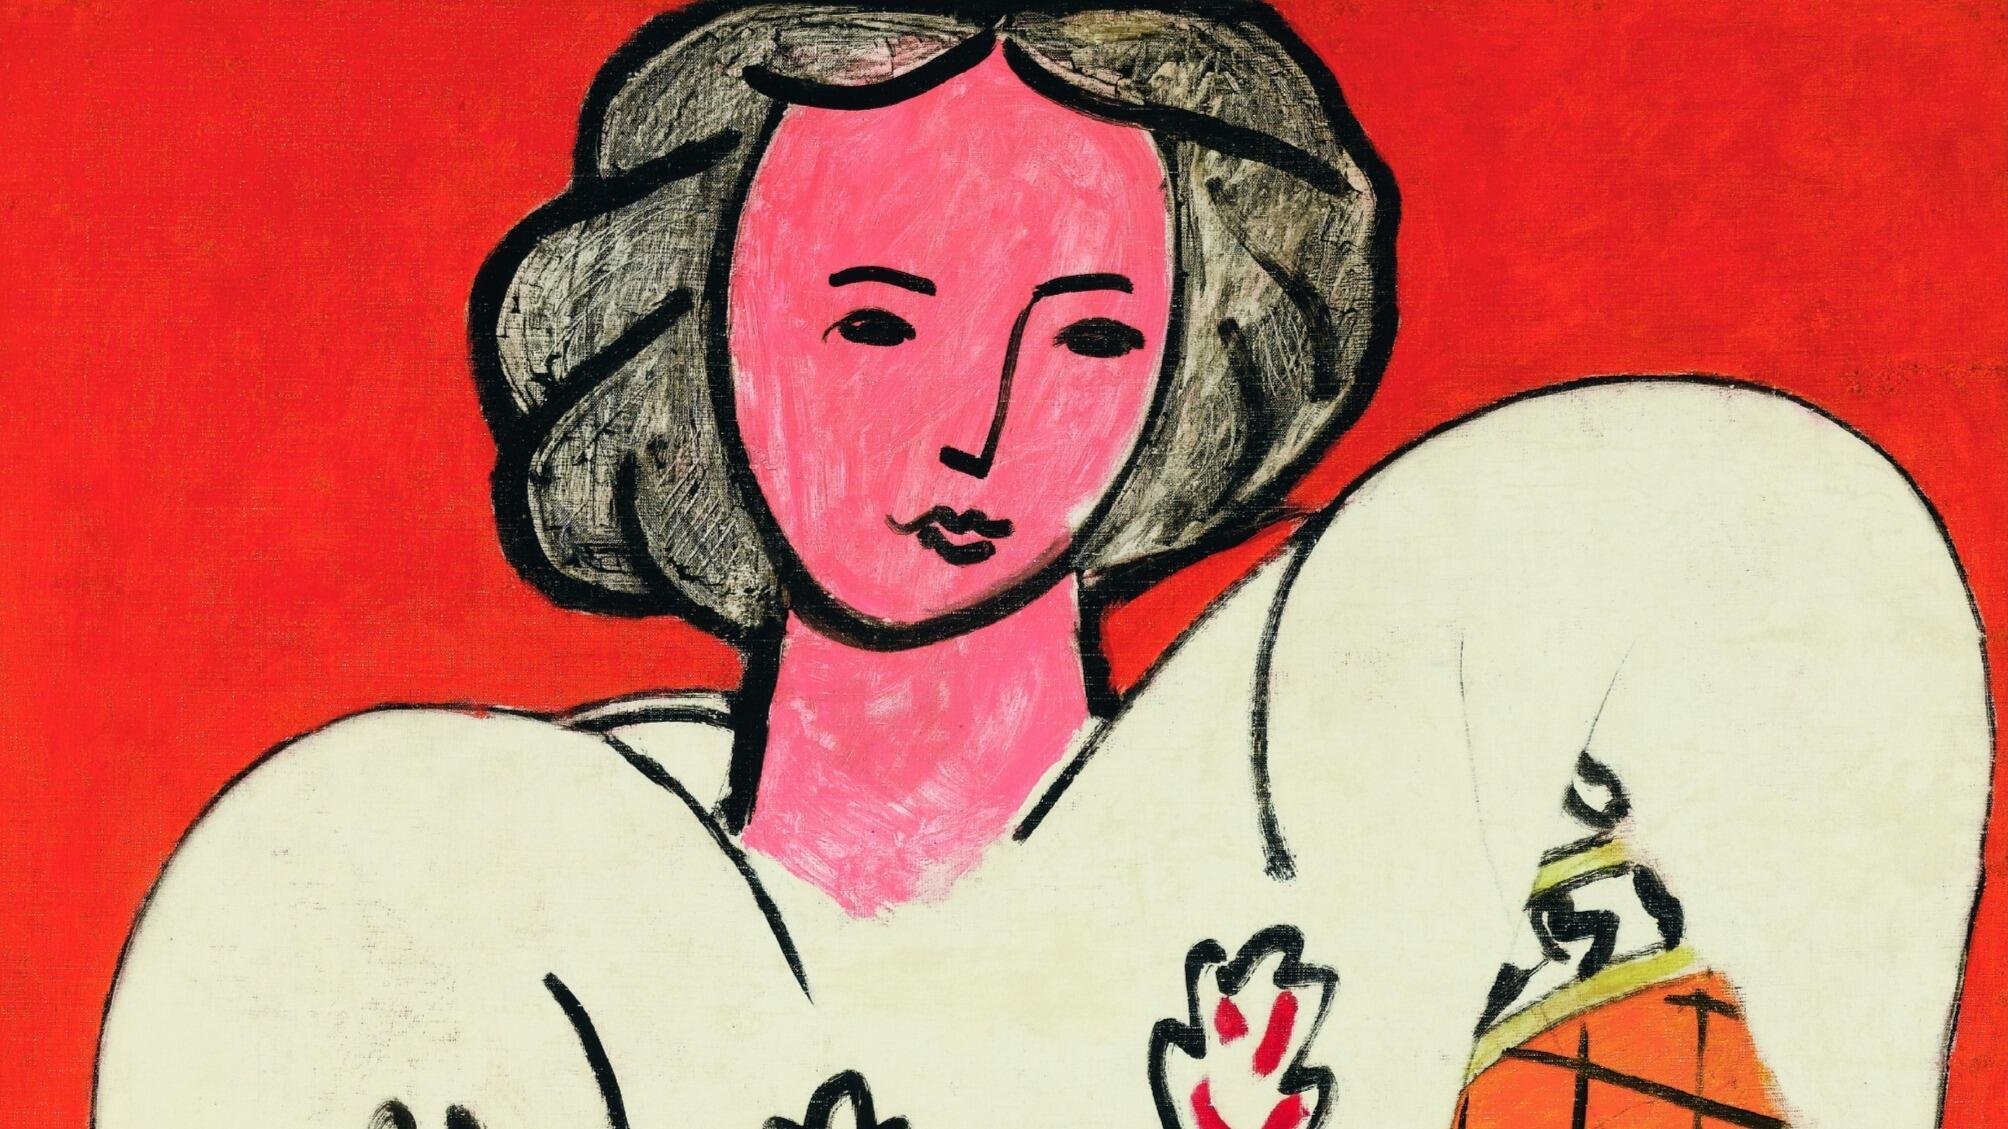 亨利·马蒂斯(Henri Matisse),《罗马尼亚衬衫》,1940年,布面油画,92 x 73厘米。 蓬皮杜艺术中心,国家现代艺术博物馆馆藏。1953年,艺术家将这幅画遗赠给国家。